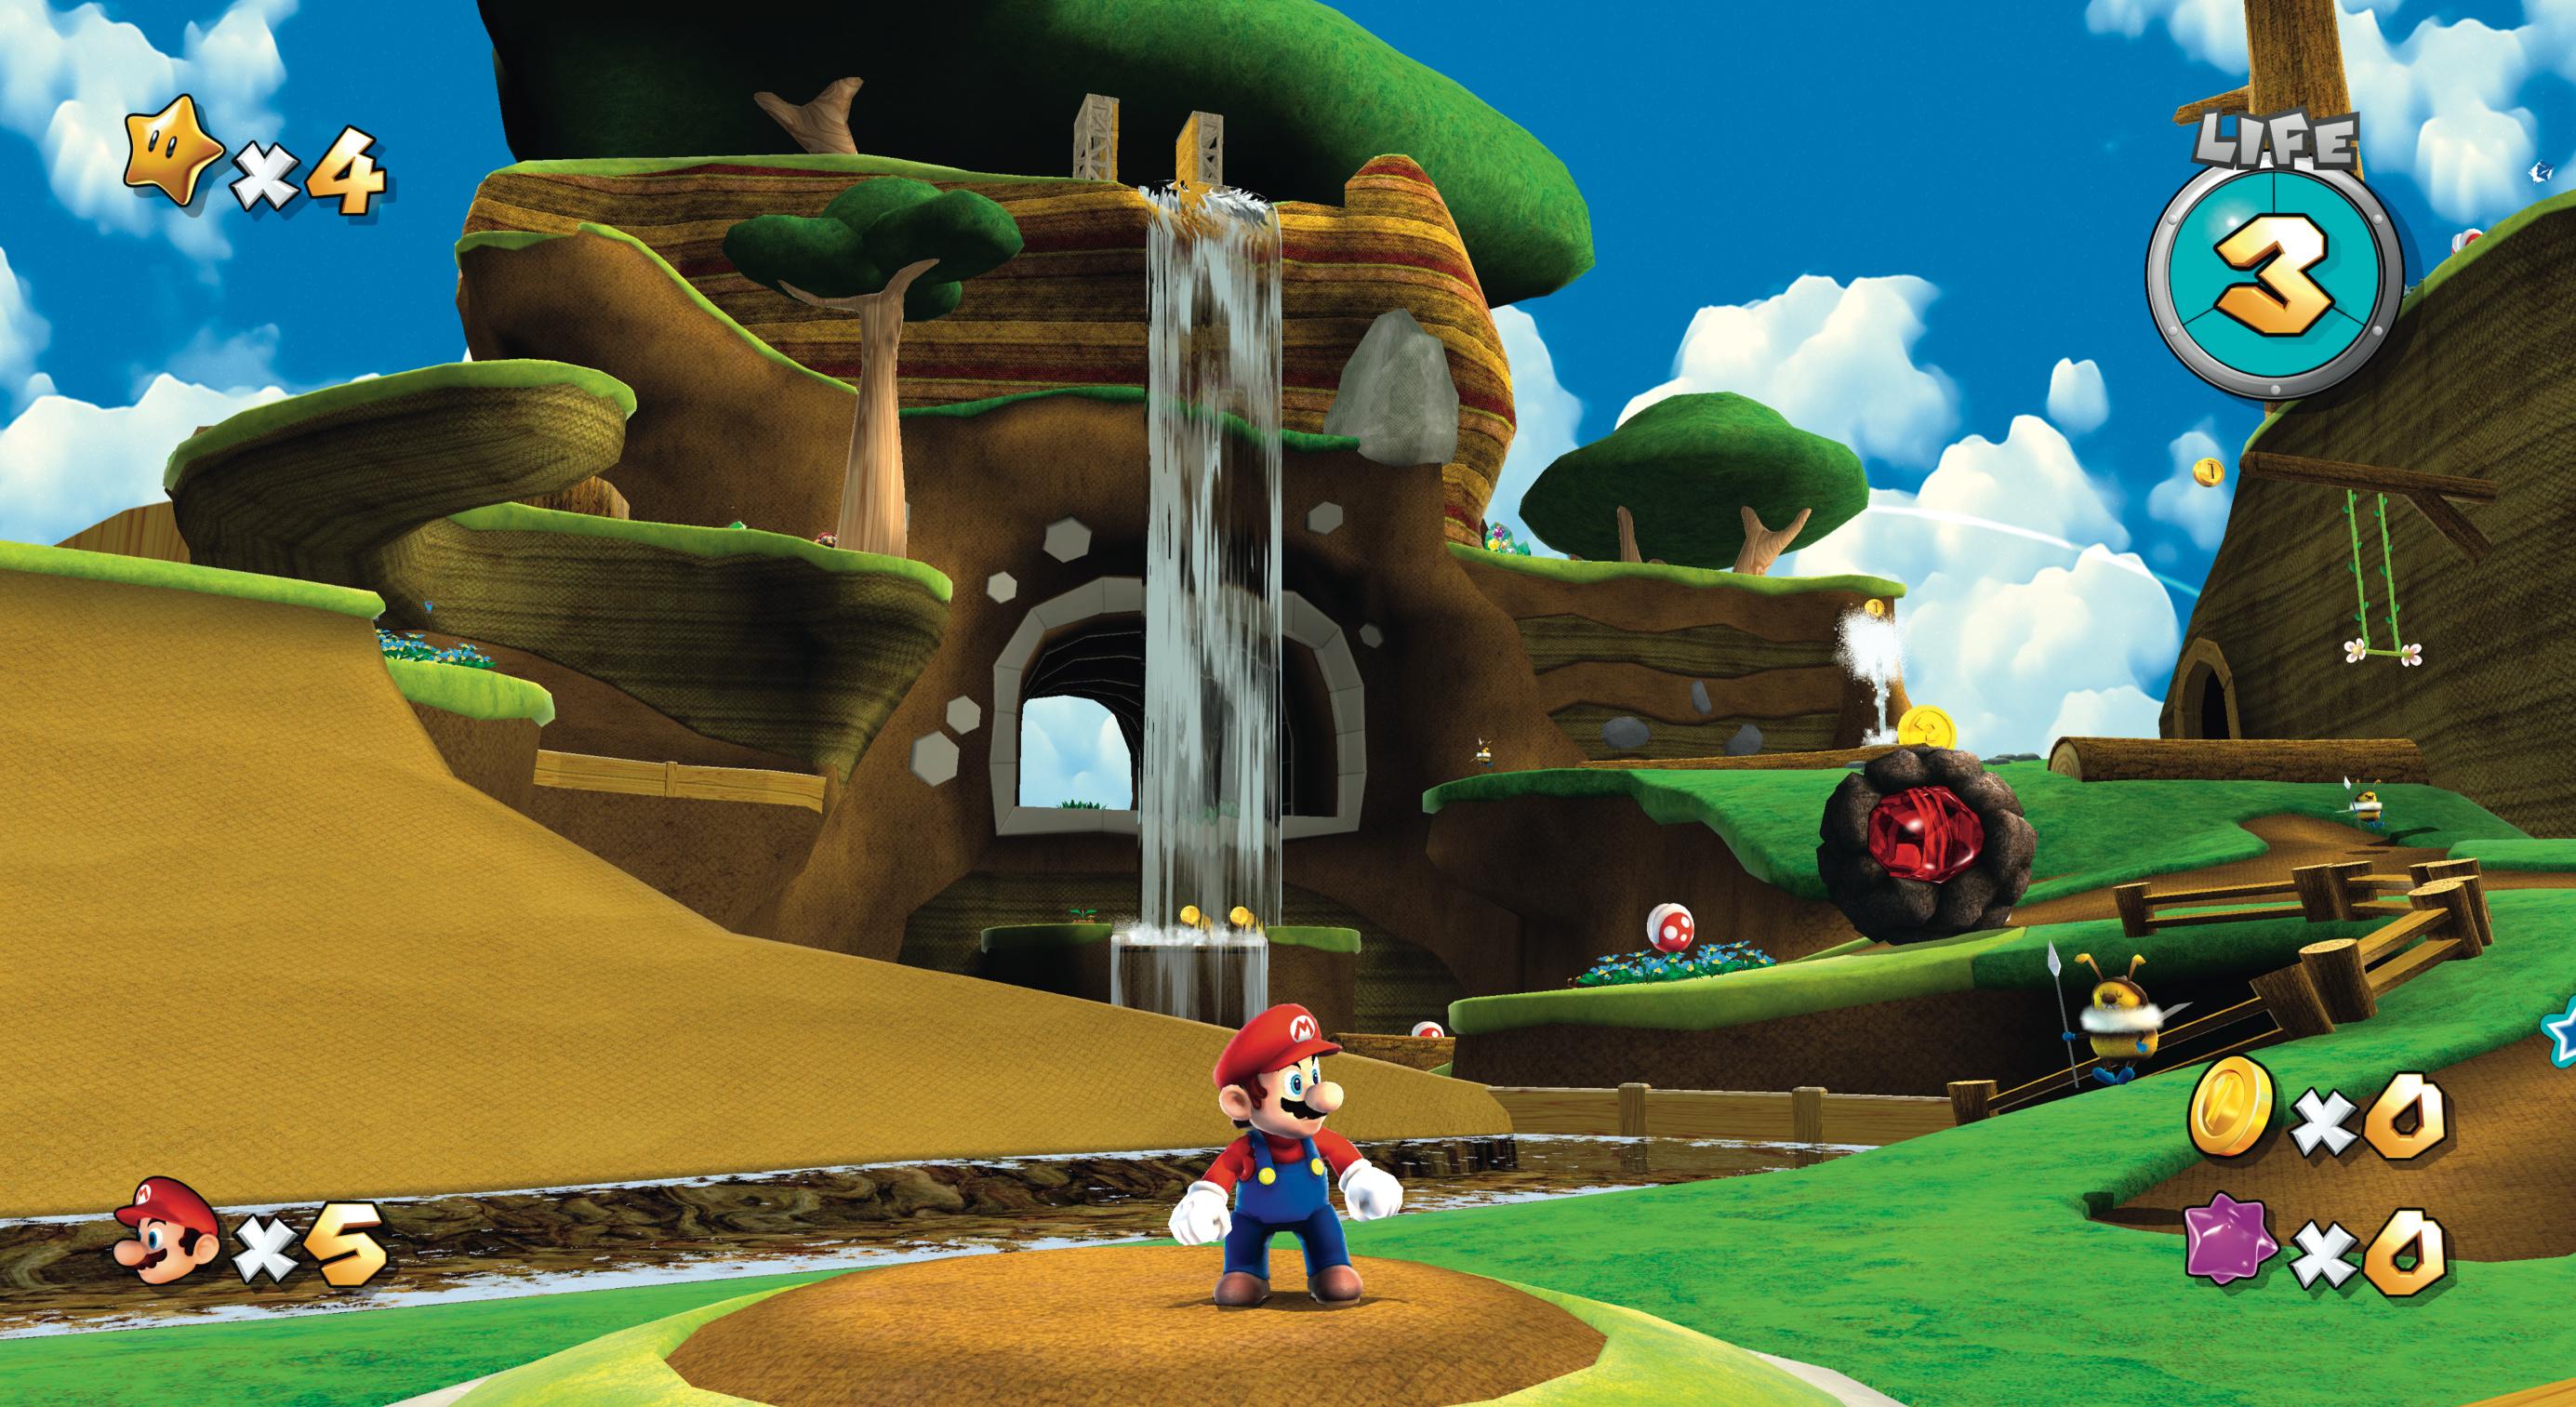 Spiele für Nintendos Gamecube und Wii grafisch aufpolieren ...